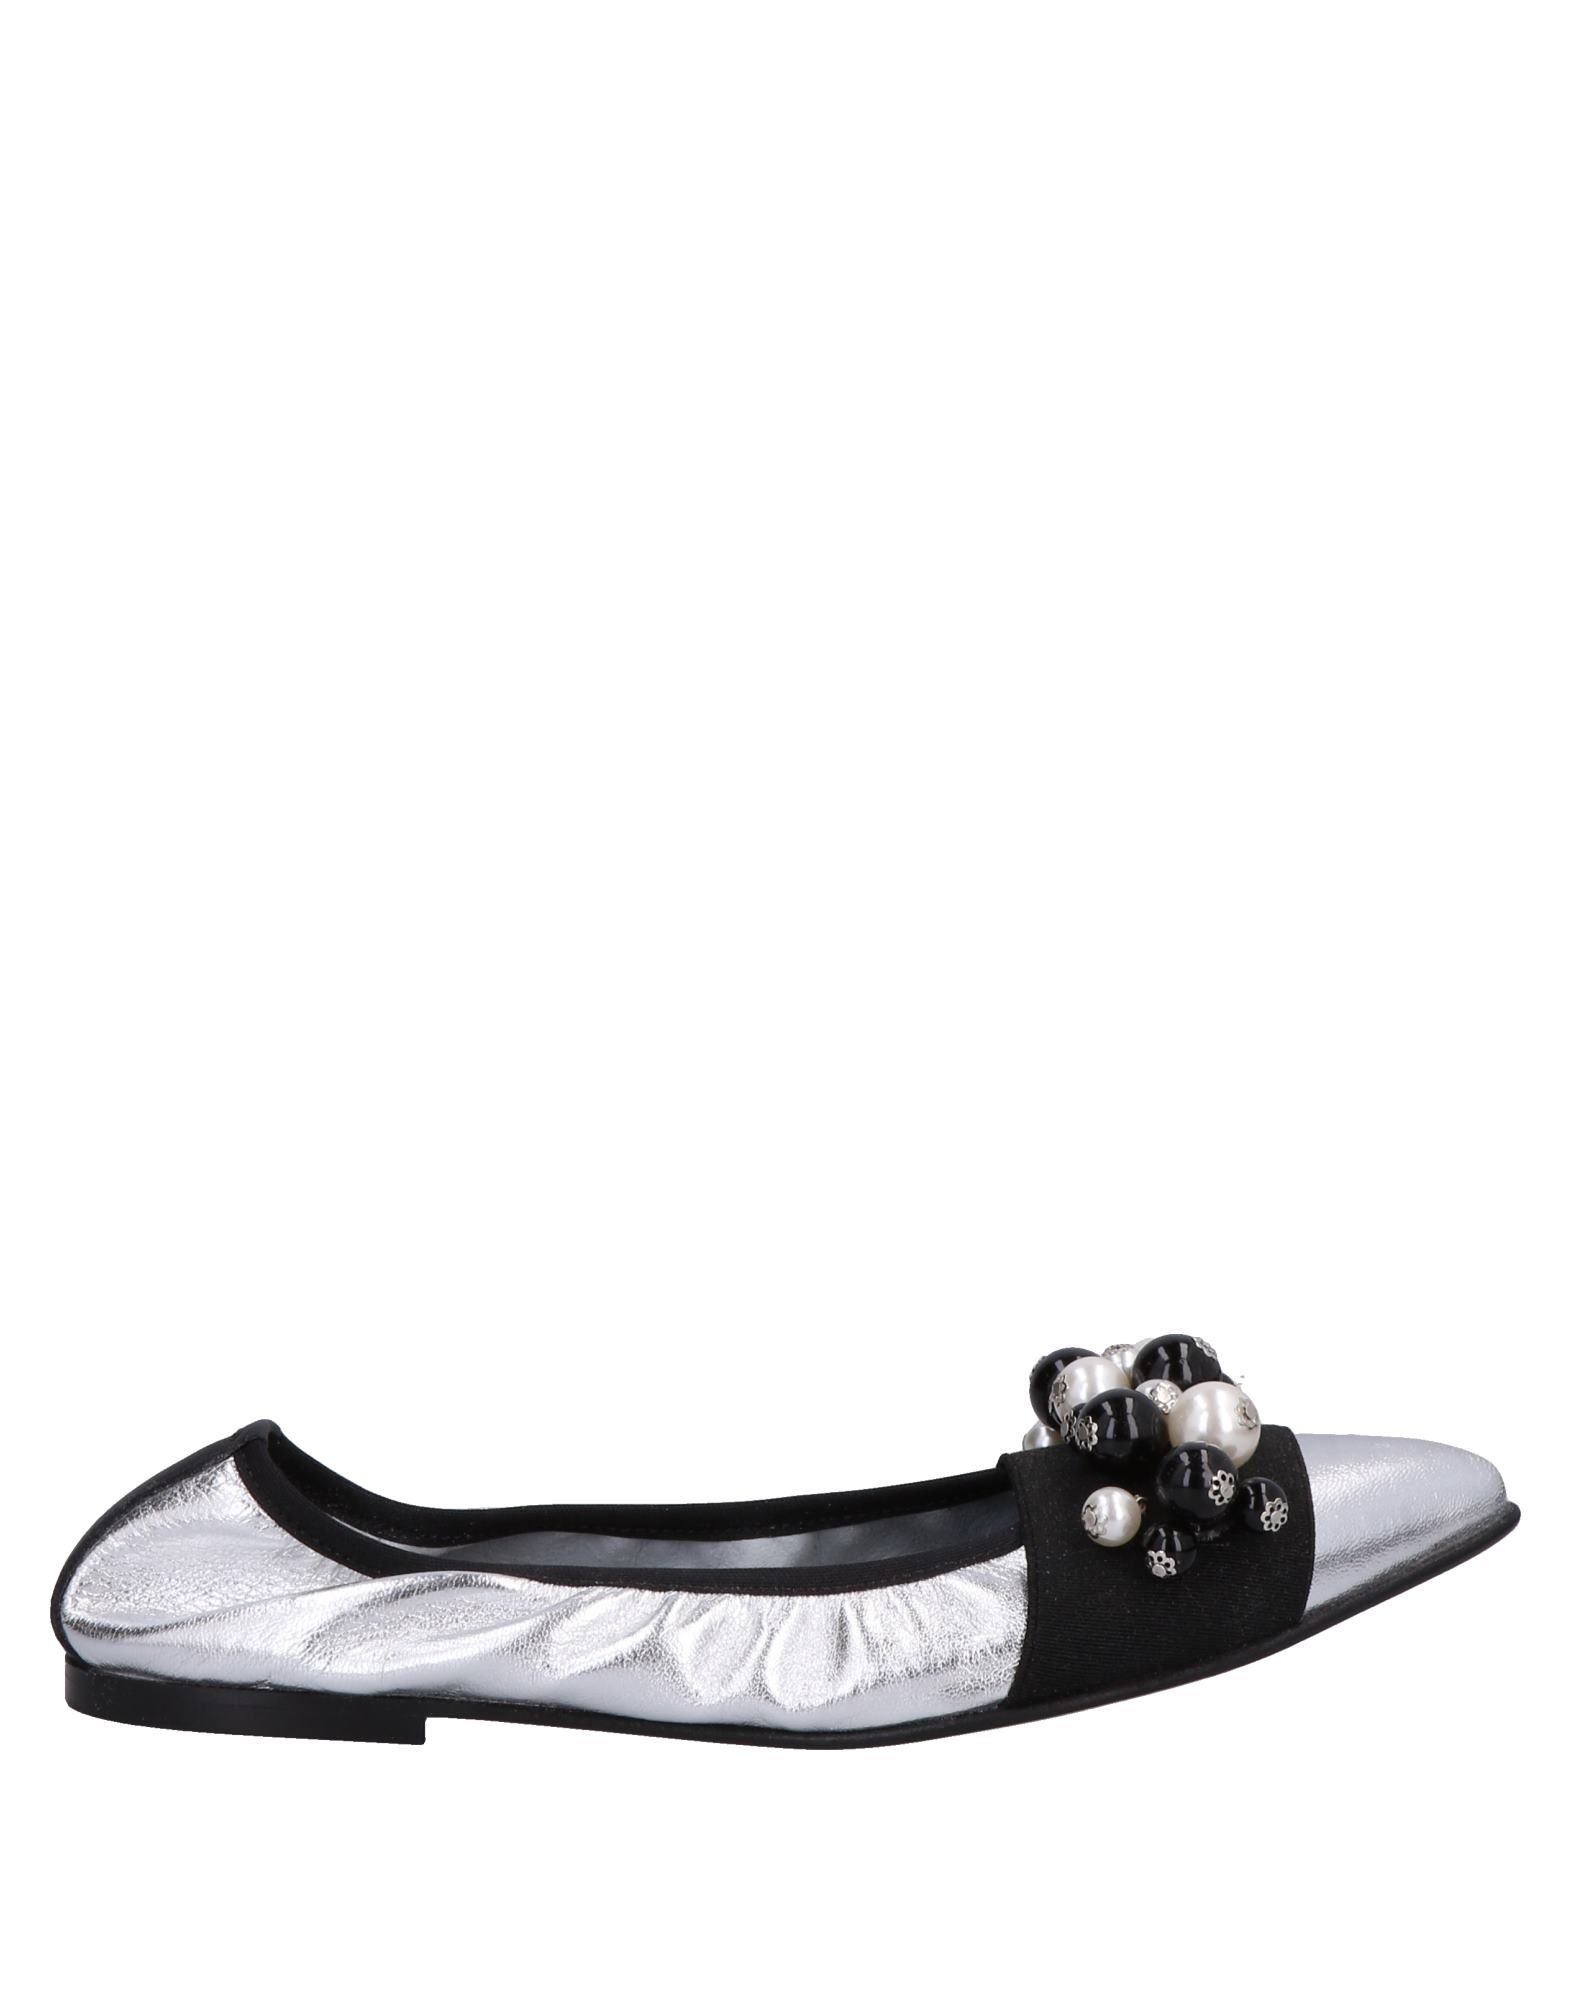 Ballerine Couture donna - - 11586387VH  Kostenlose und schnelle Lieferung möglich